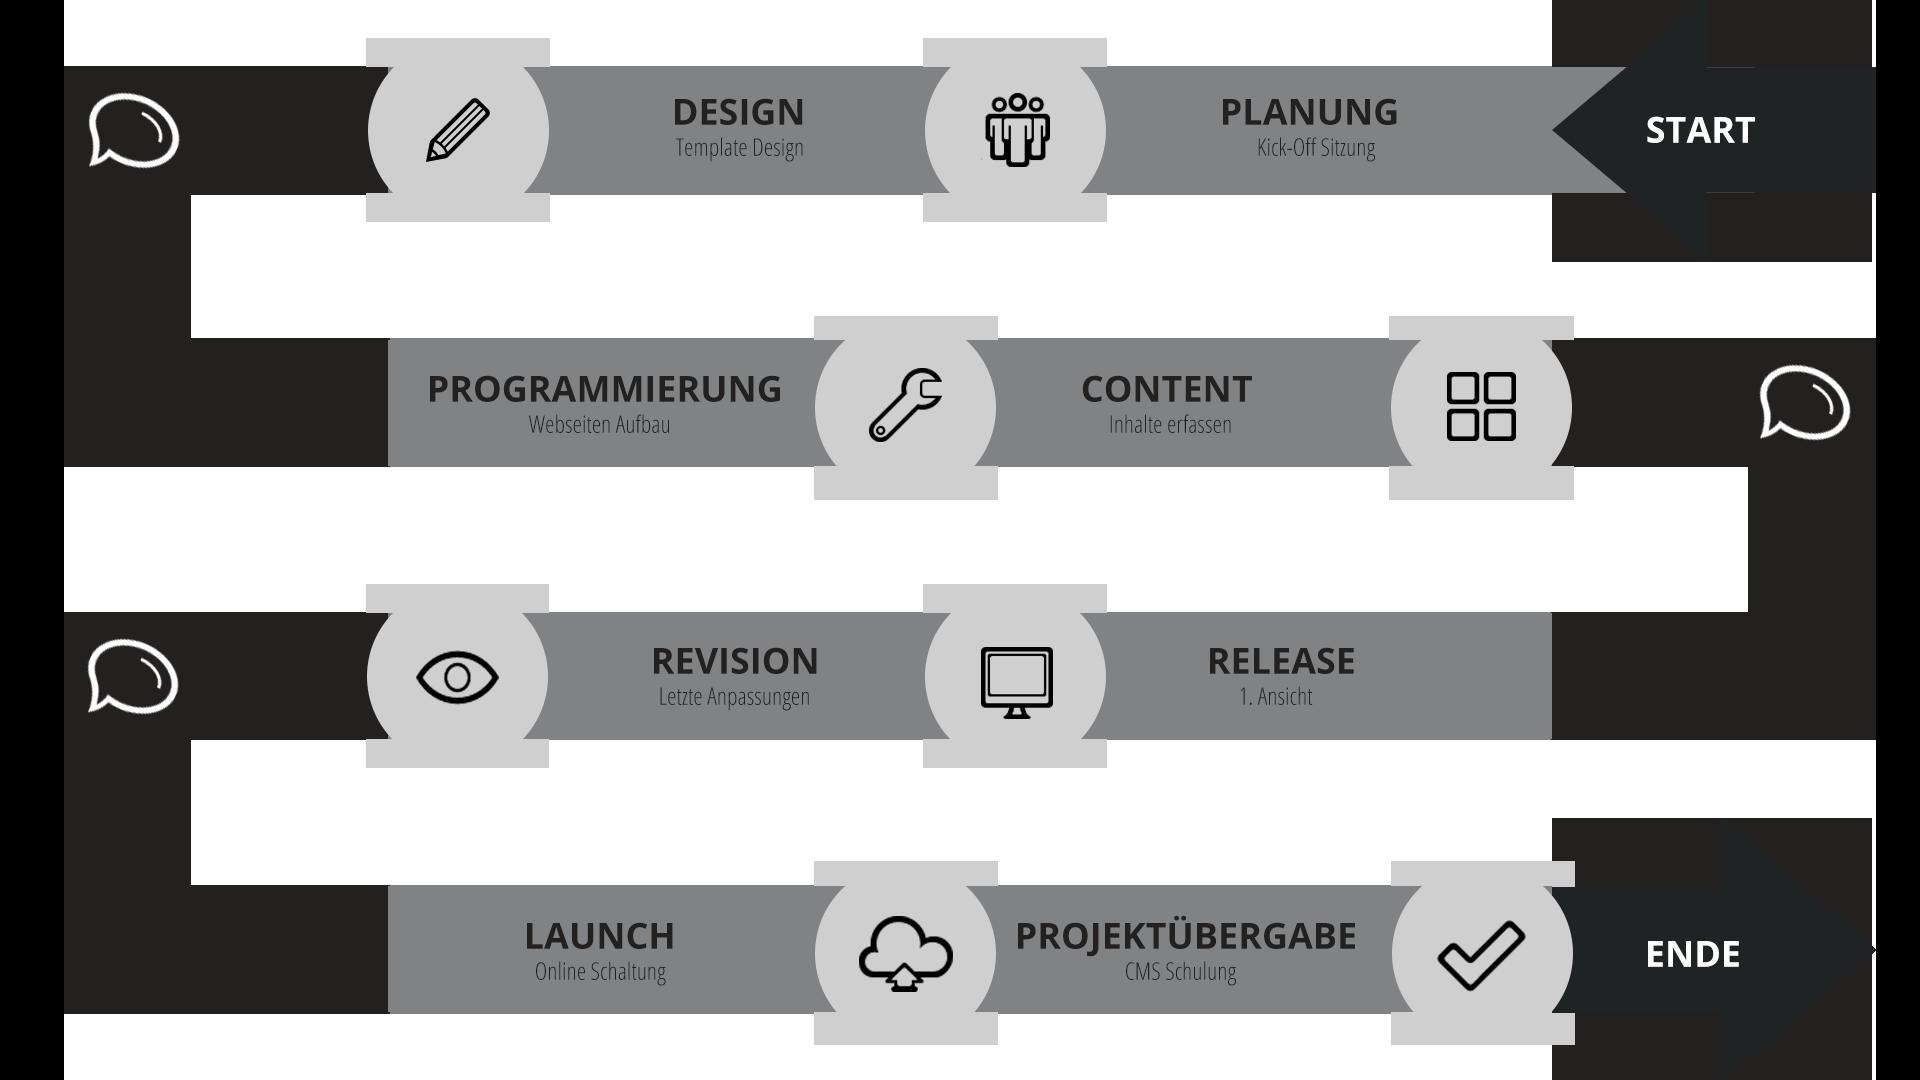 Webdesign Timeline